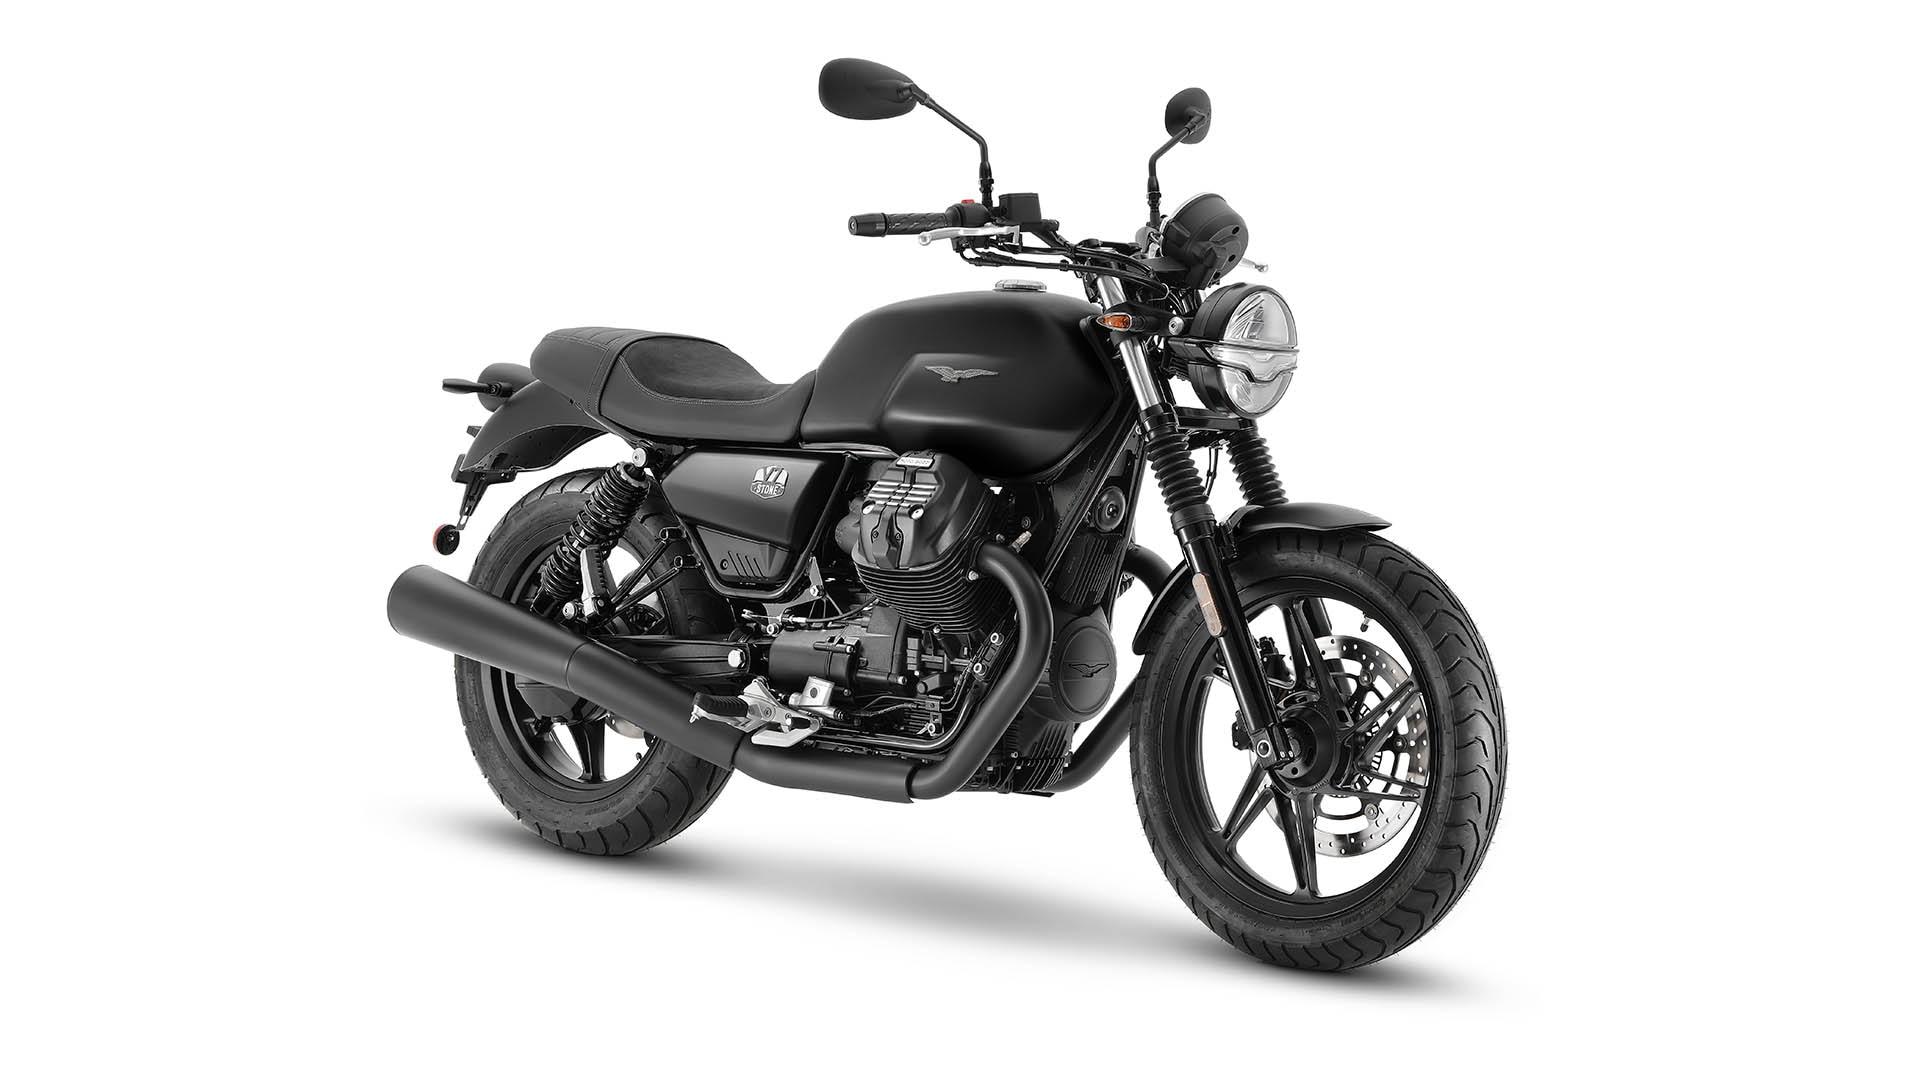 Moto Guzzi V7 2021 Nero Ruvido noir avant droit